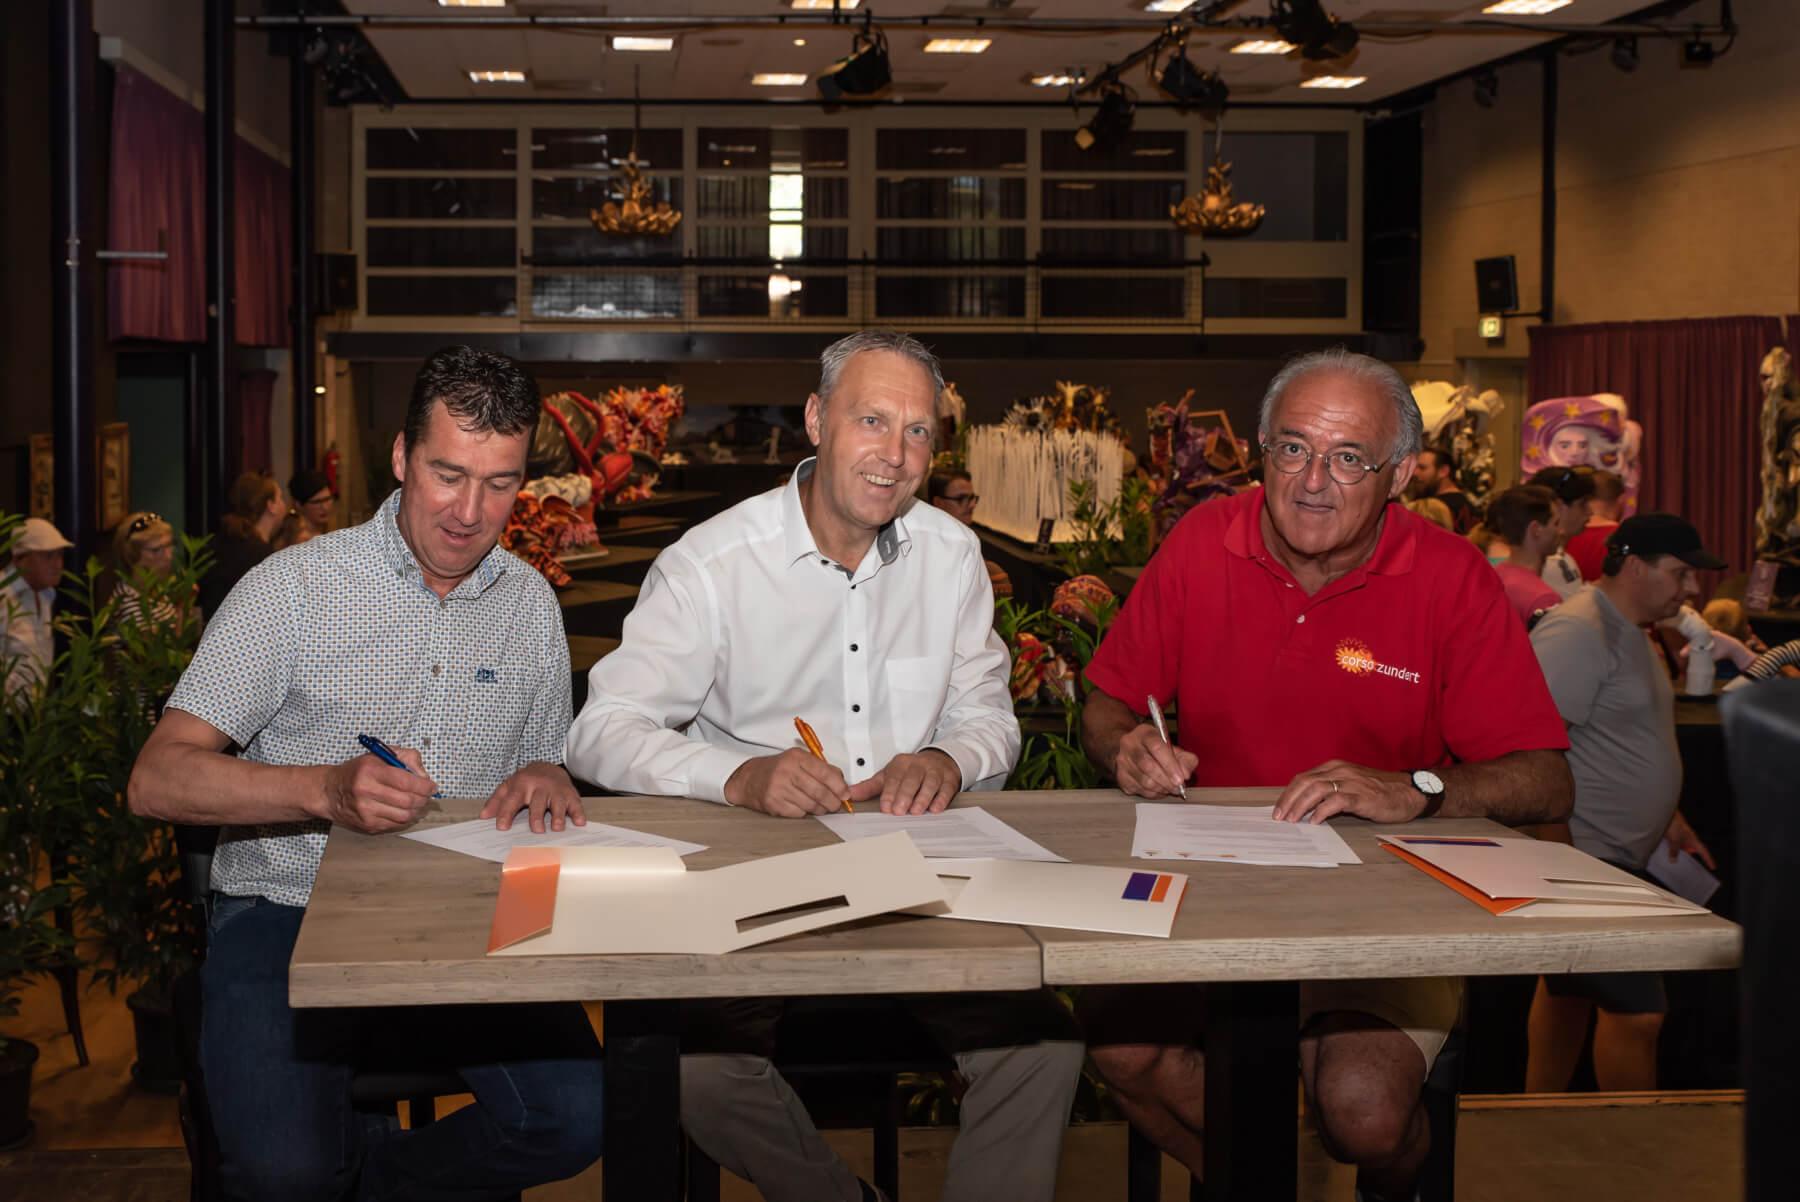 Corso Zundert trots: Rabobank De Zuidelijke Baronie tekent nieuw meerjarencontract